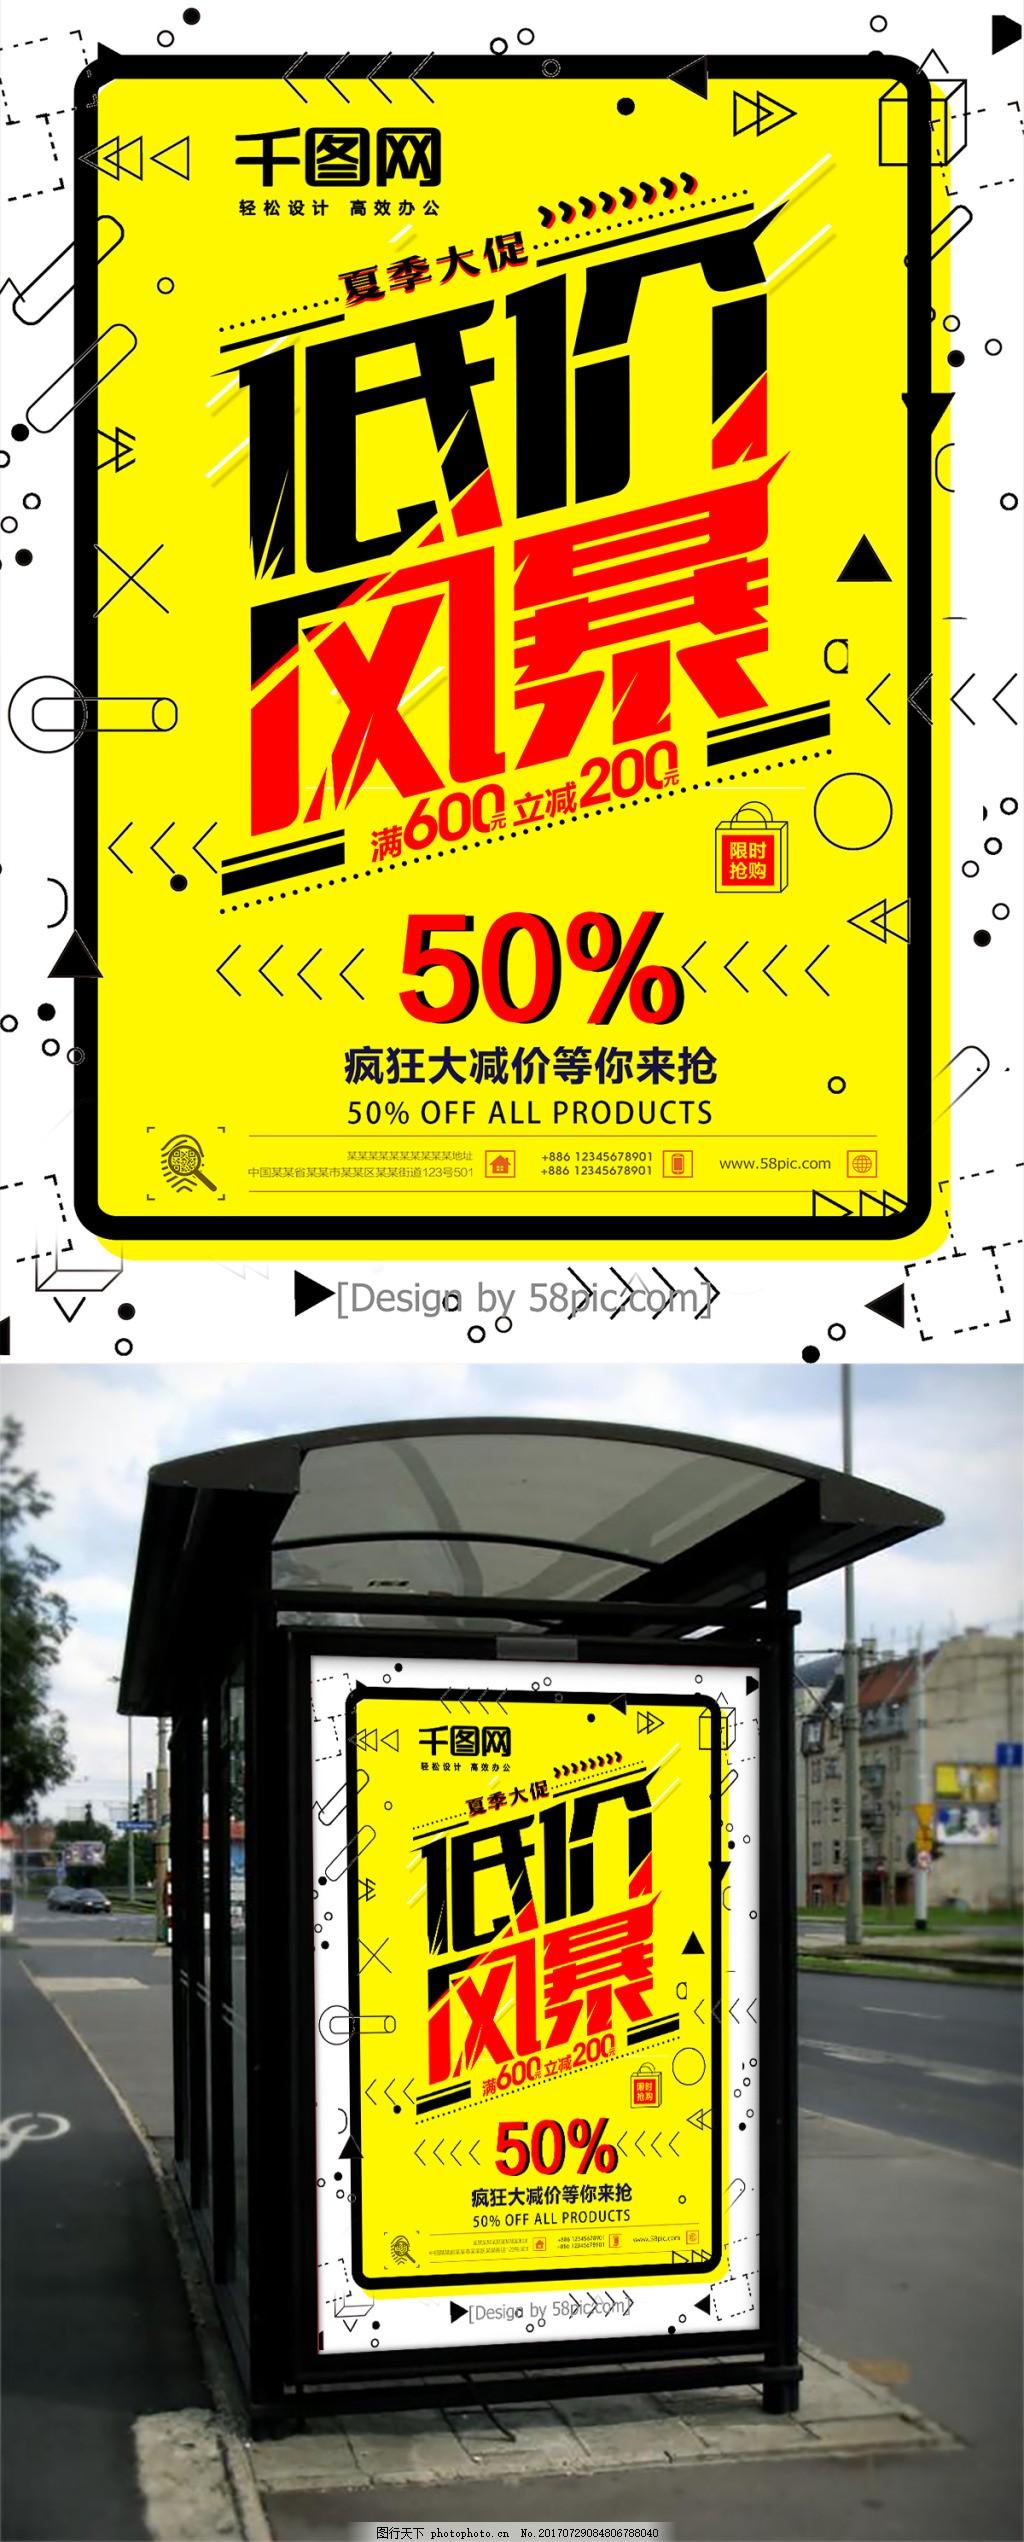 夏季清仓时尚涂鸦促销抢购活动波普创意海报